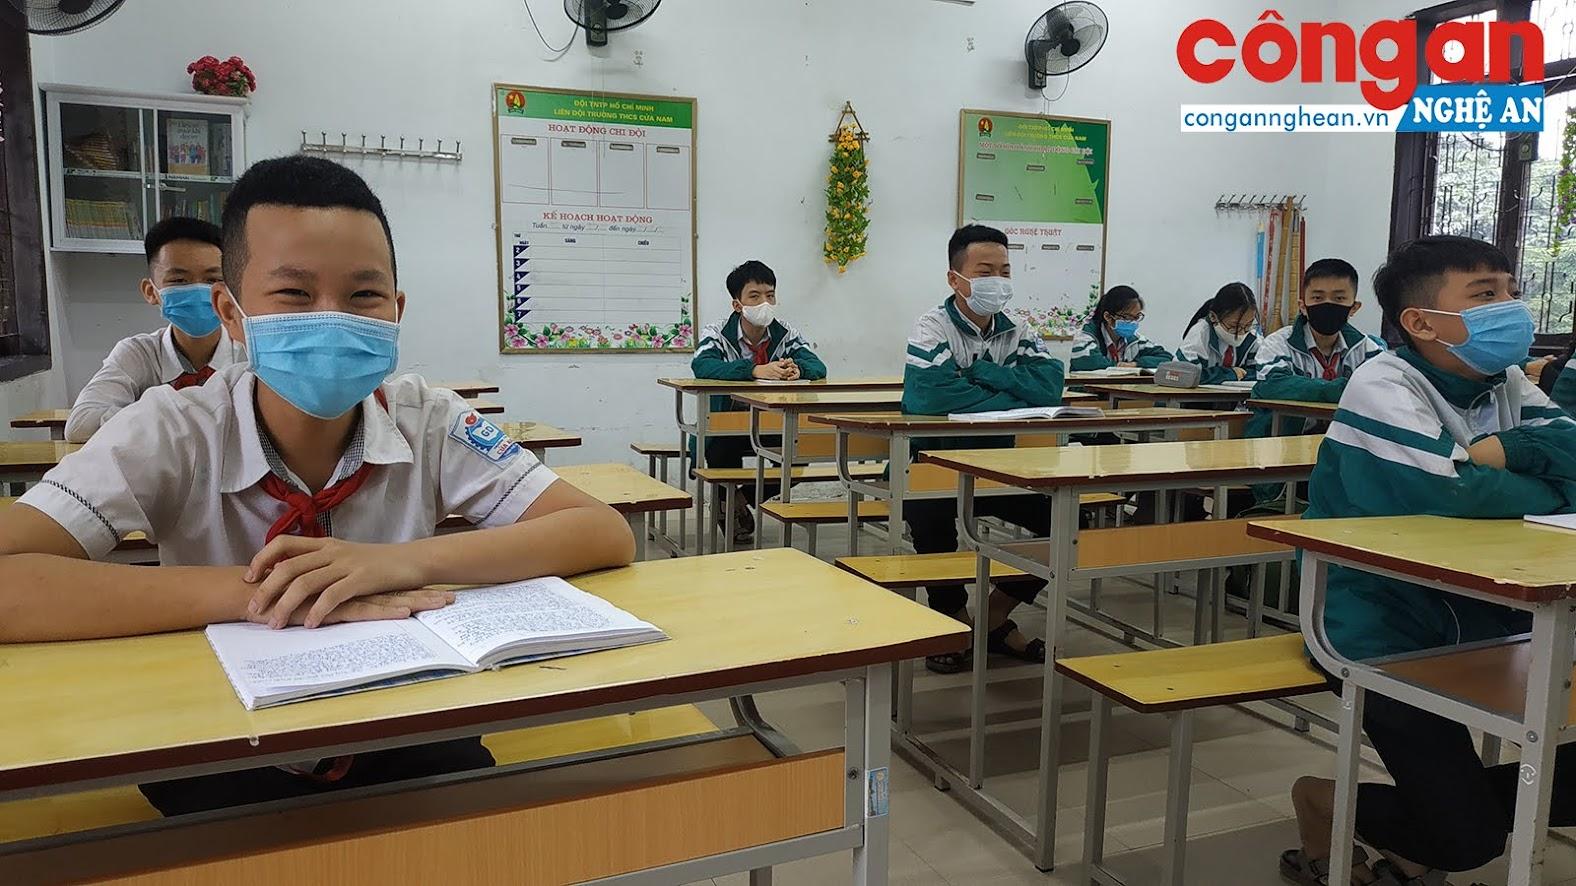 Việc giãn cách các vị trí được nhà trường tổ chức nghiêm chỉnh nhằm đảm bảo an toàn cho học sinh và giáo viên